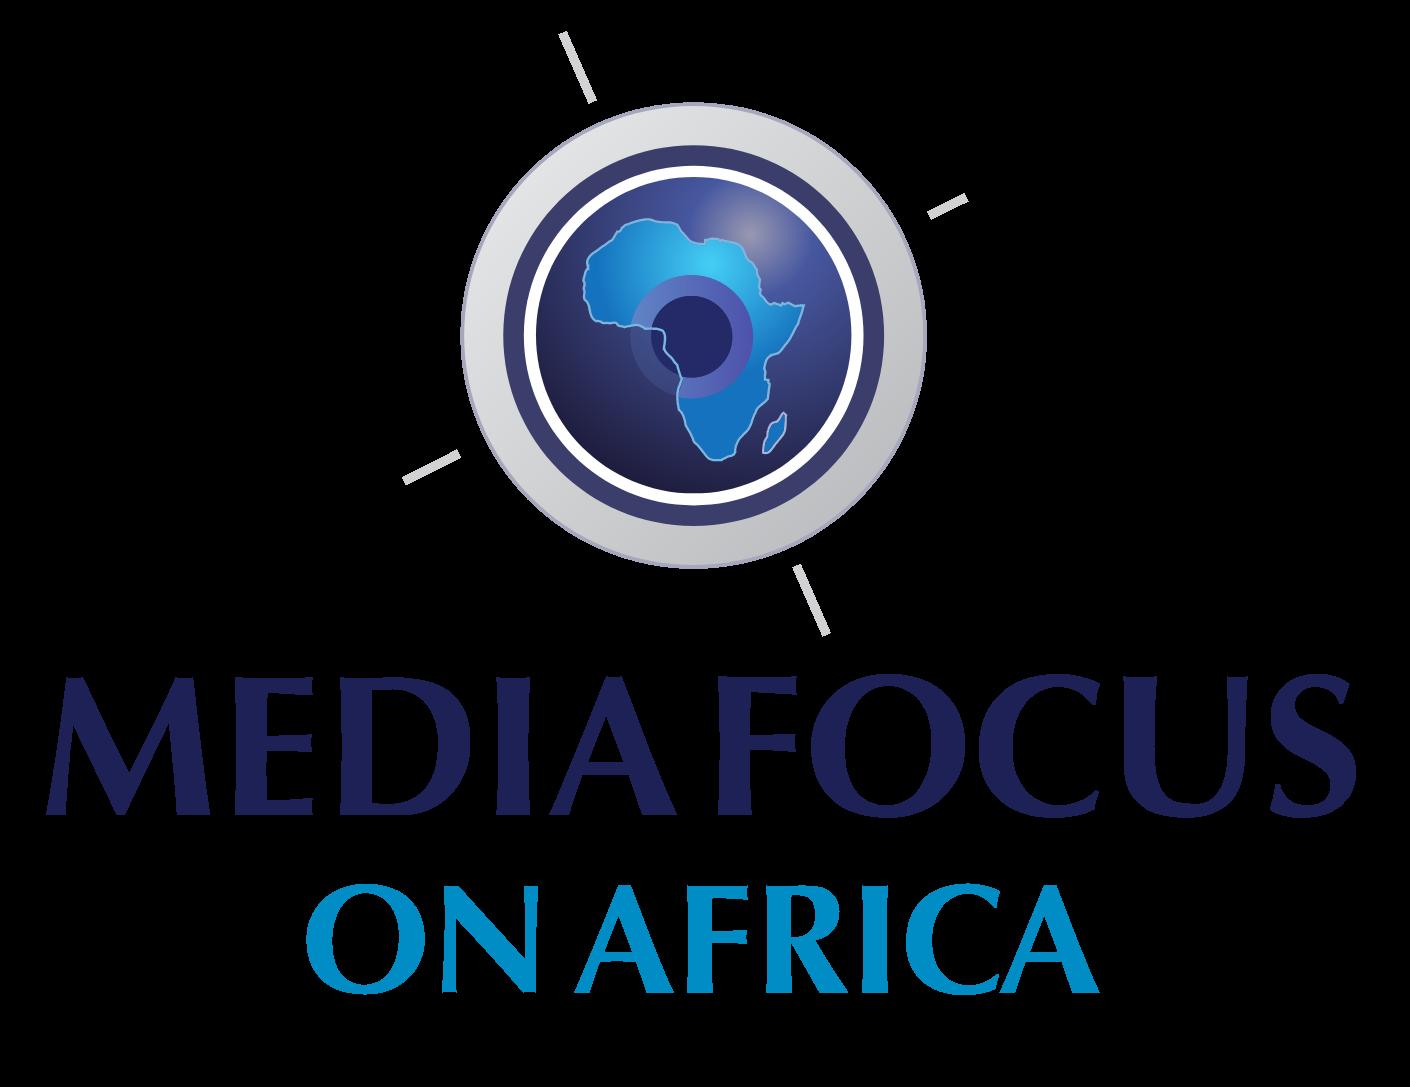 Media Focus Africa